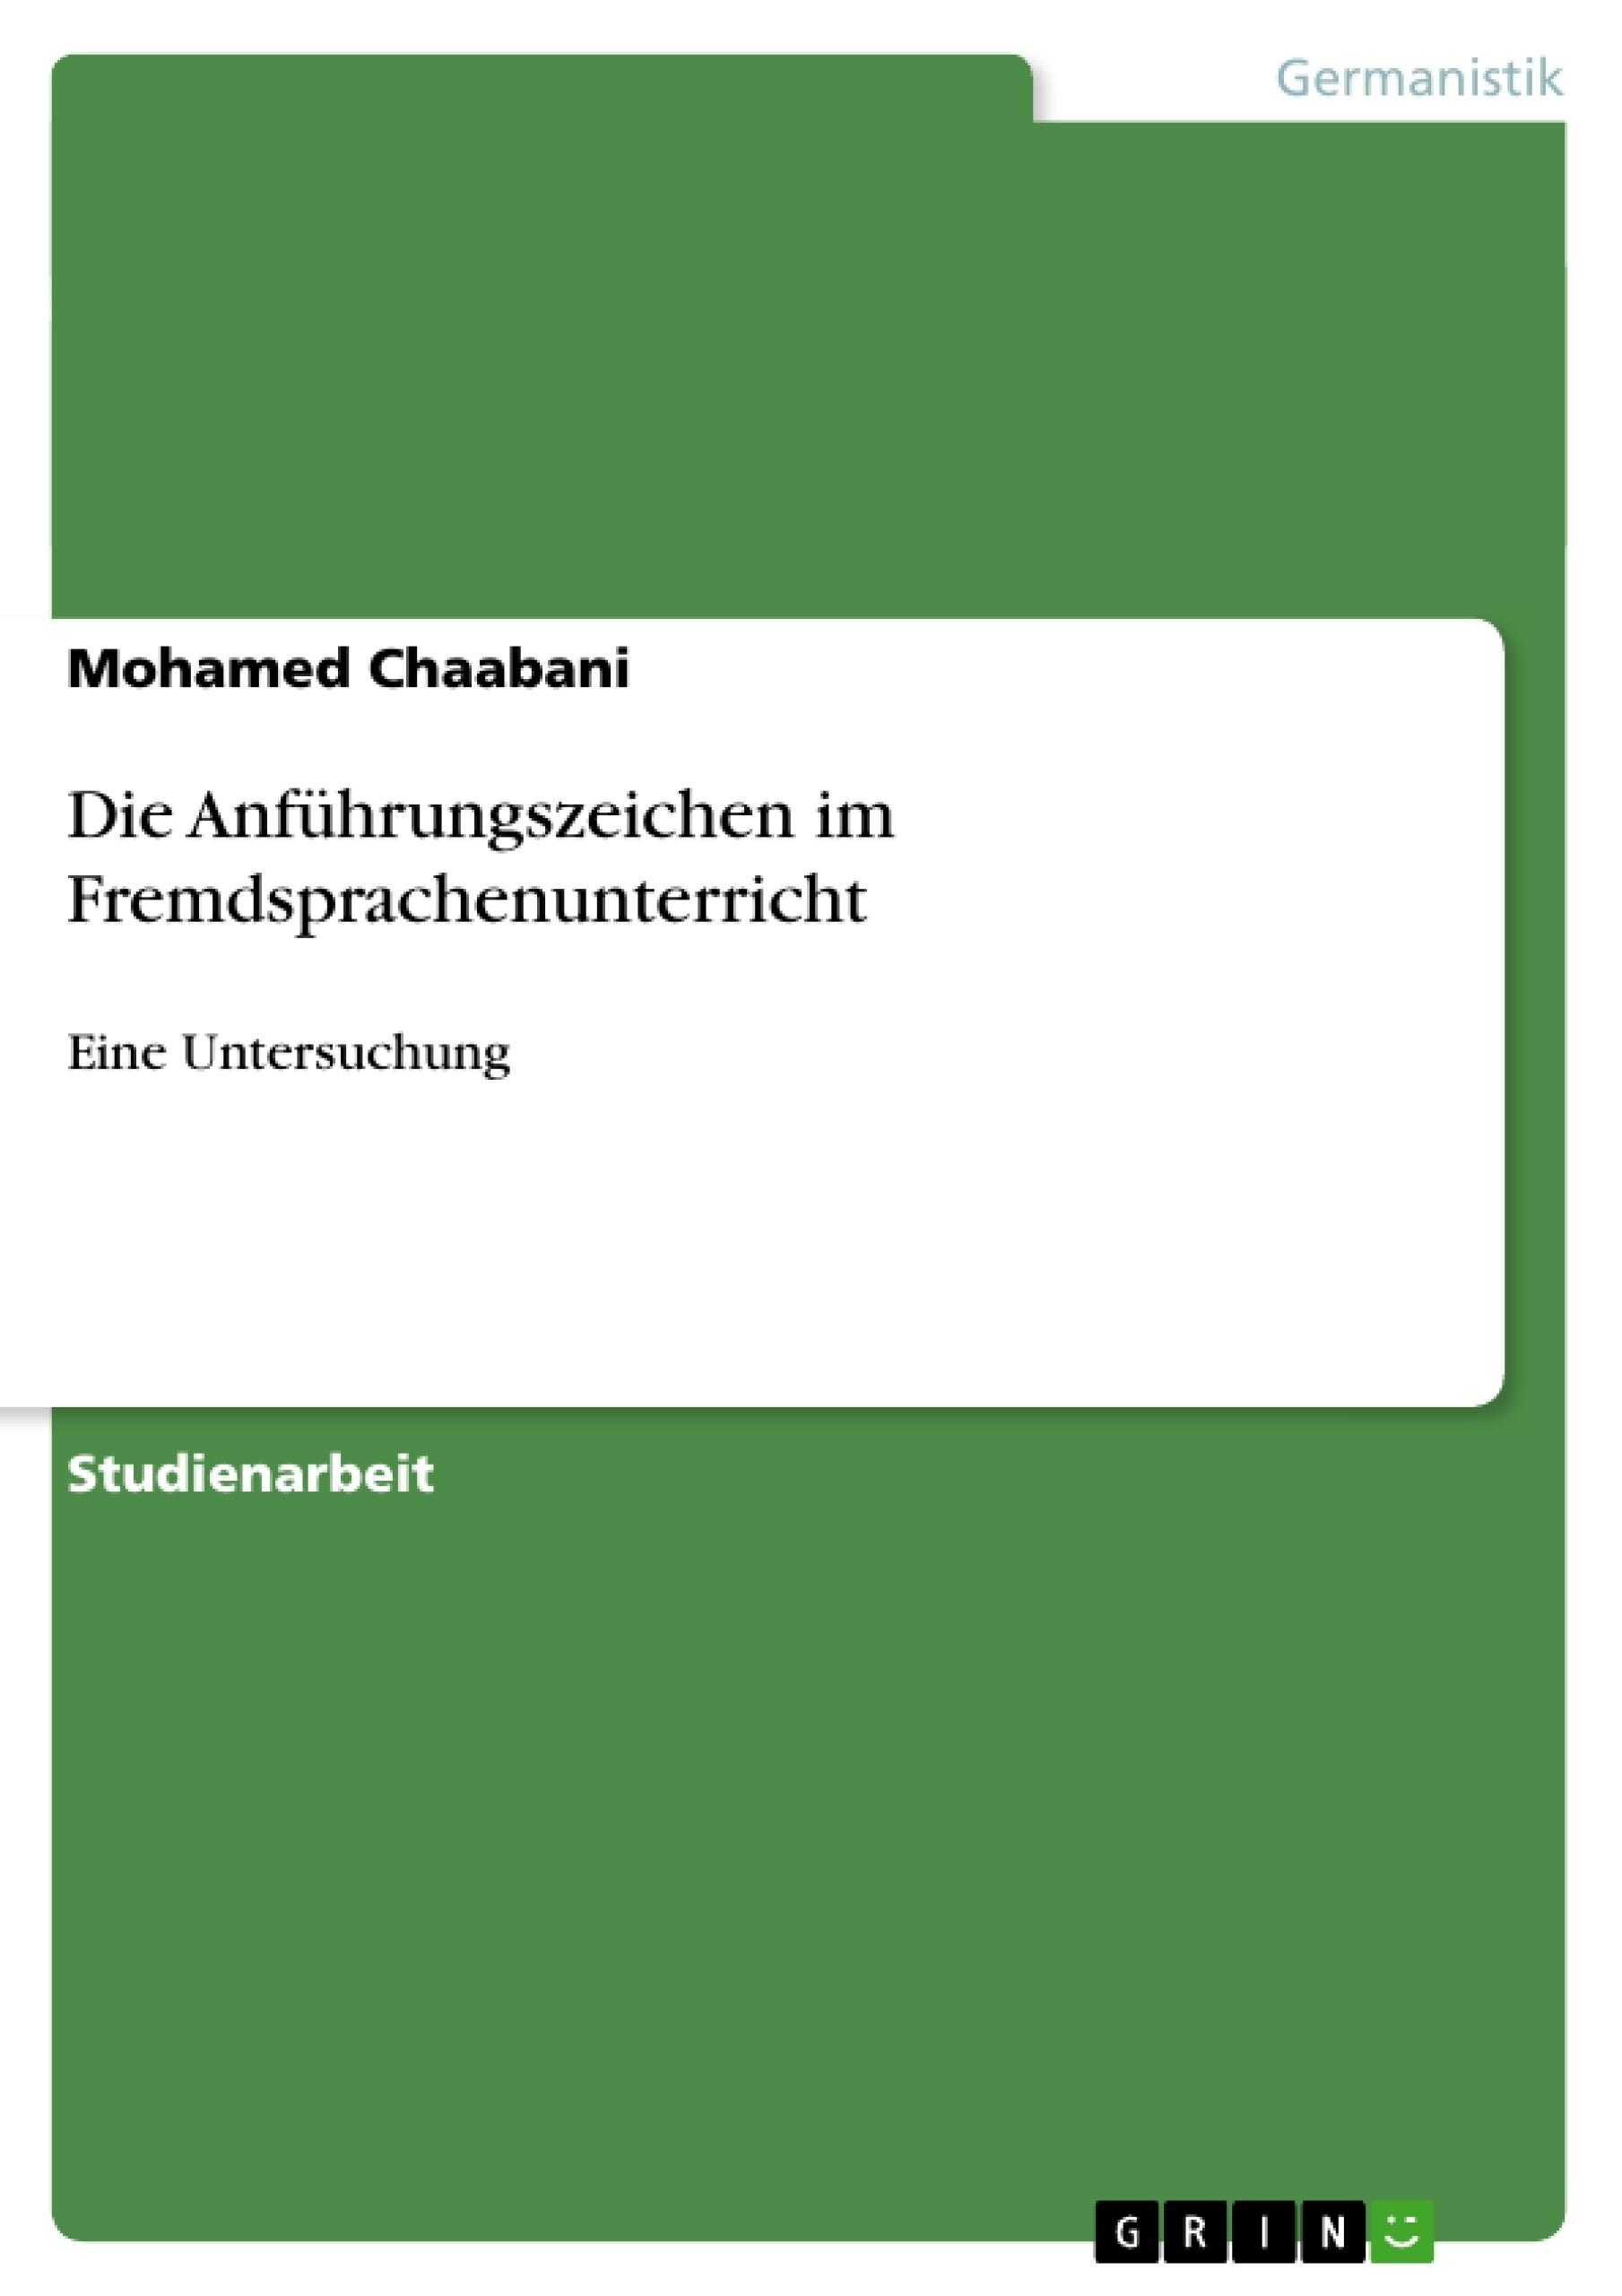 Titel: Die Anführungszeichen im Fremdsprachenunterricht